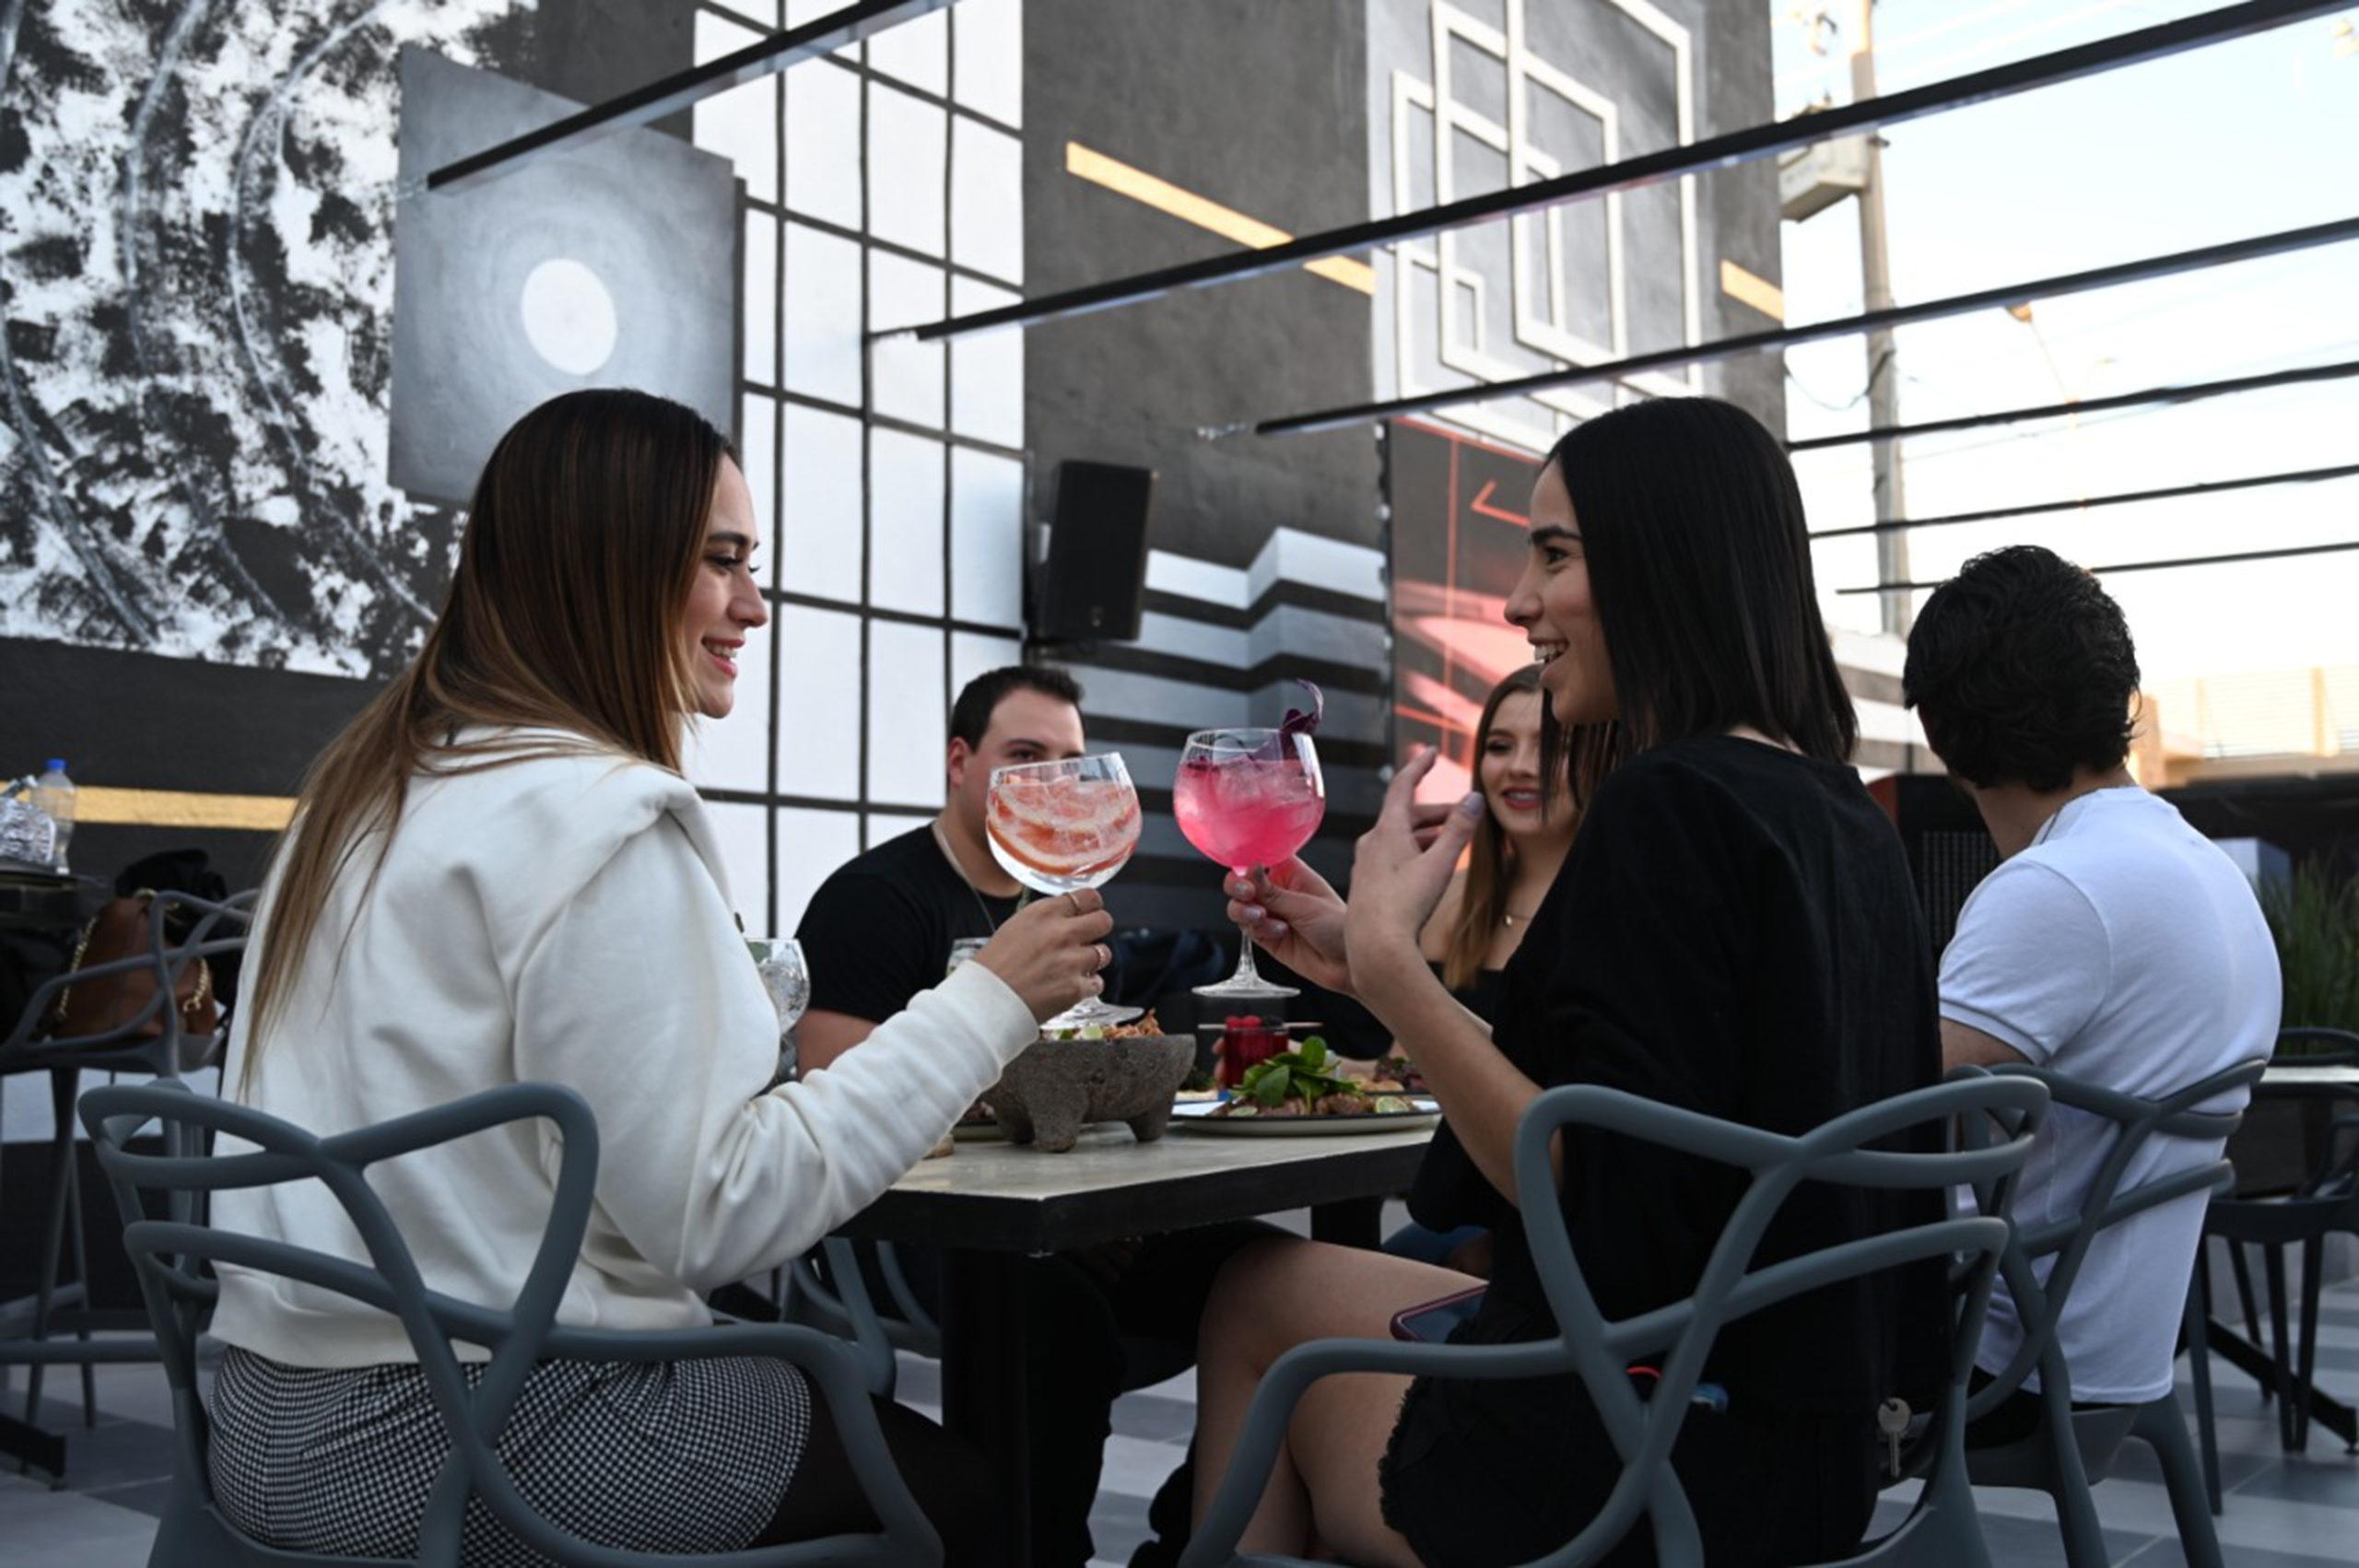 Además de disfrutar de bebidas diversas, el comensal puede degustar platillos.